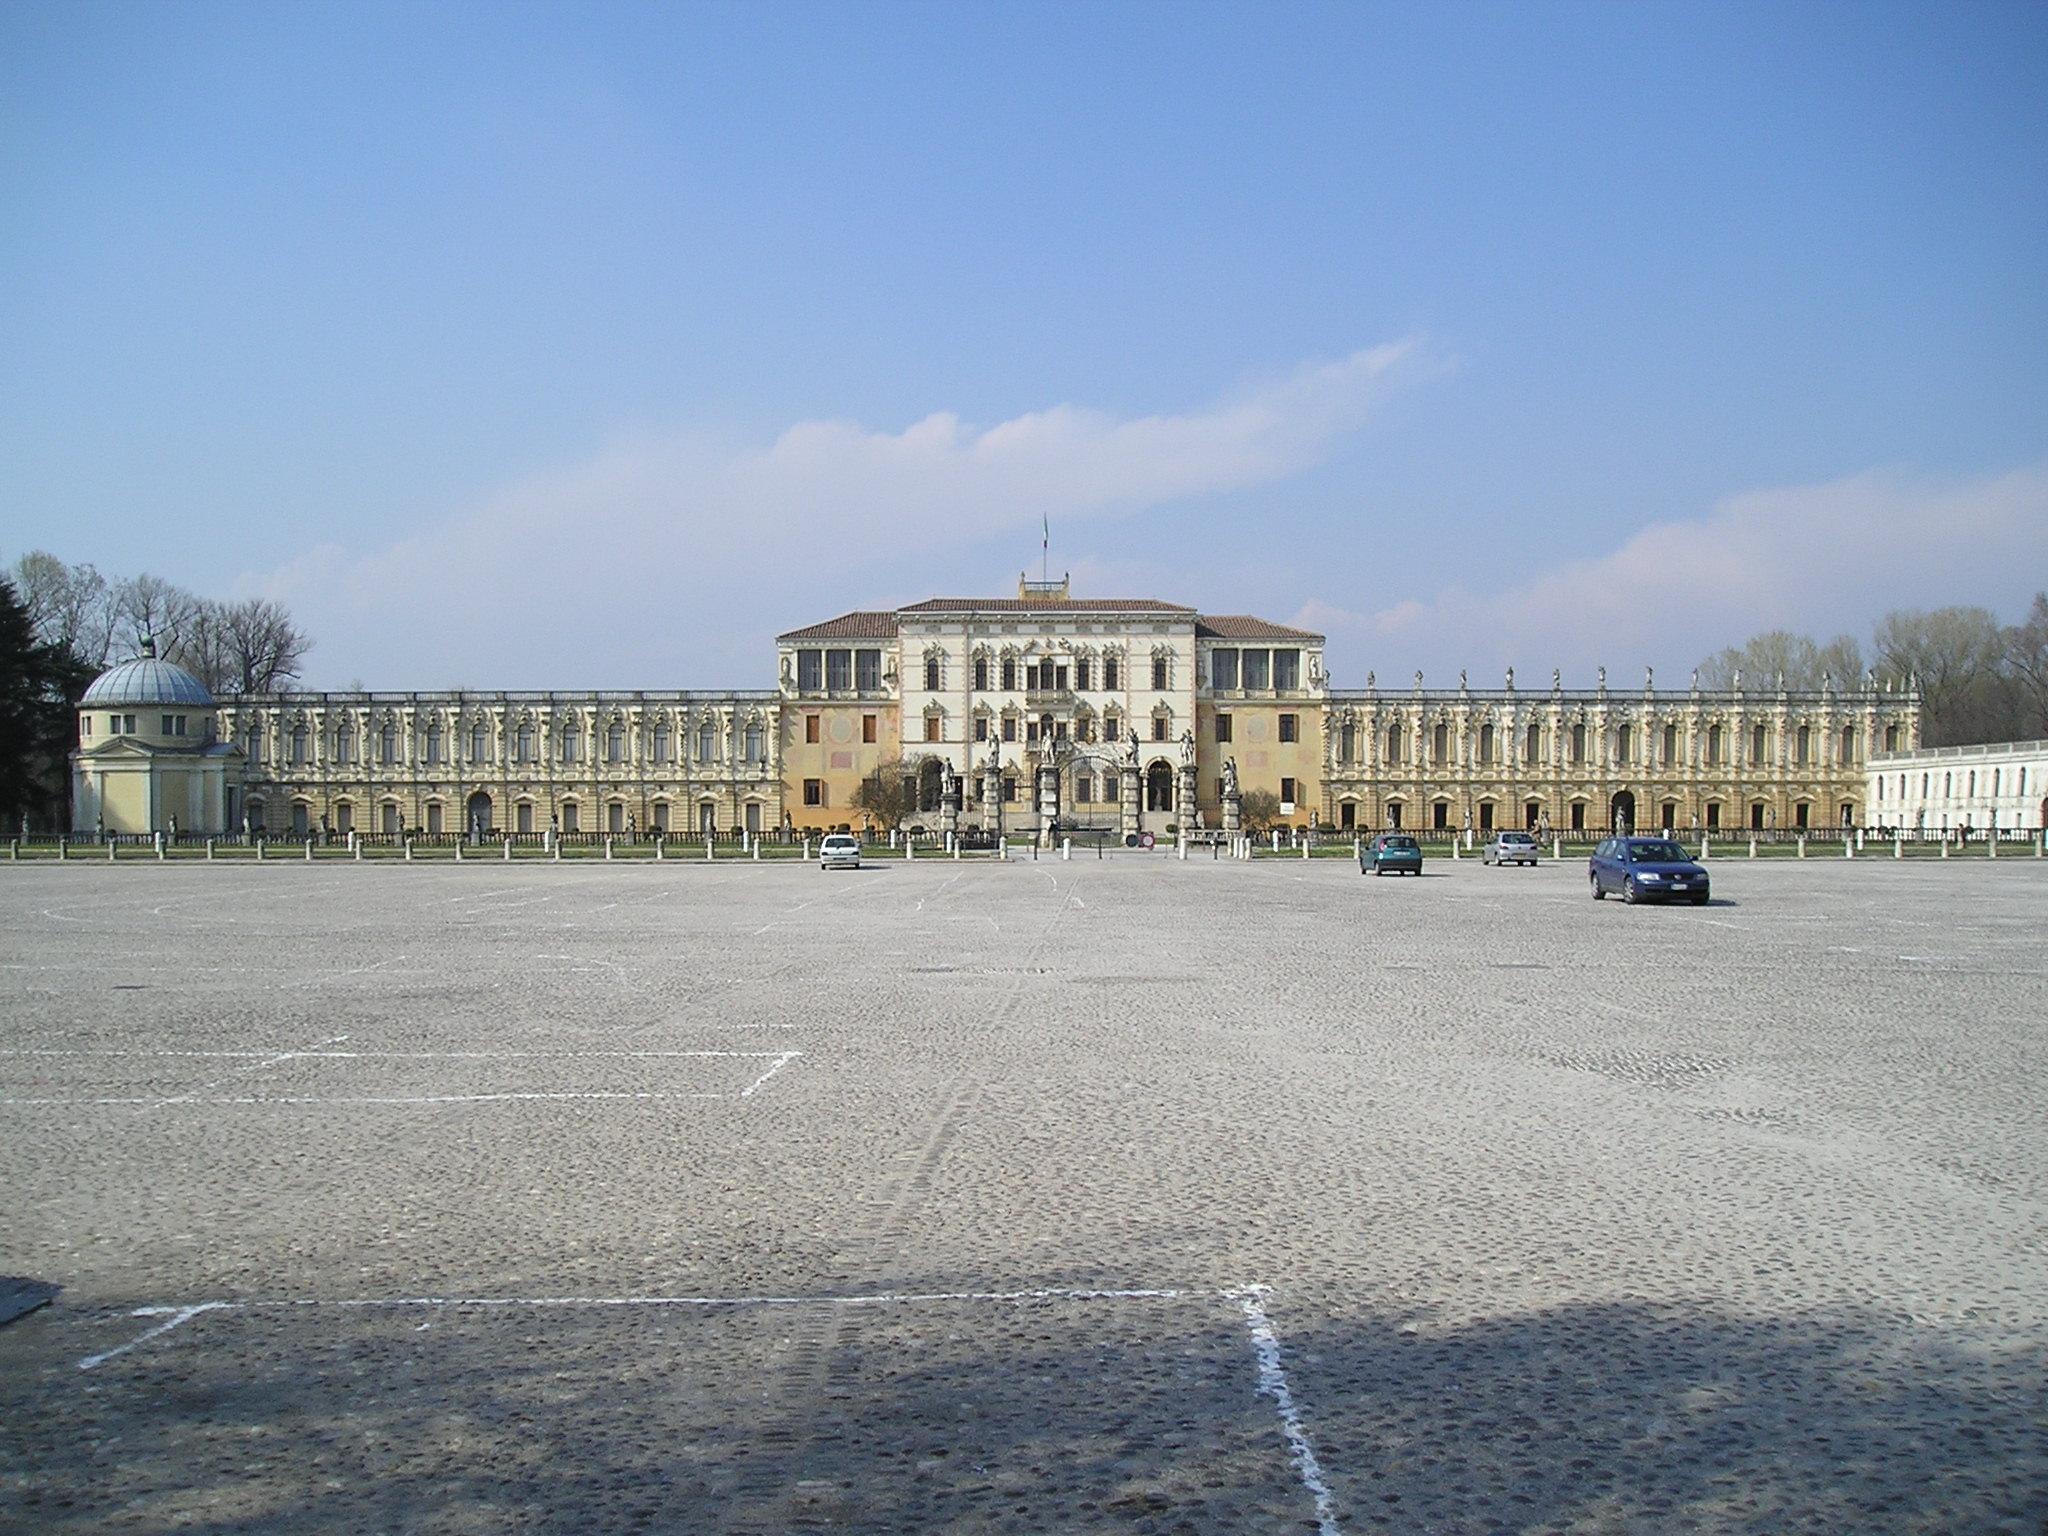 Piscina Piazzola Sul Brenta Пјацола сул Брента — Википедија, слободна енциклопедија